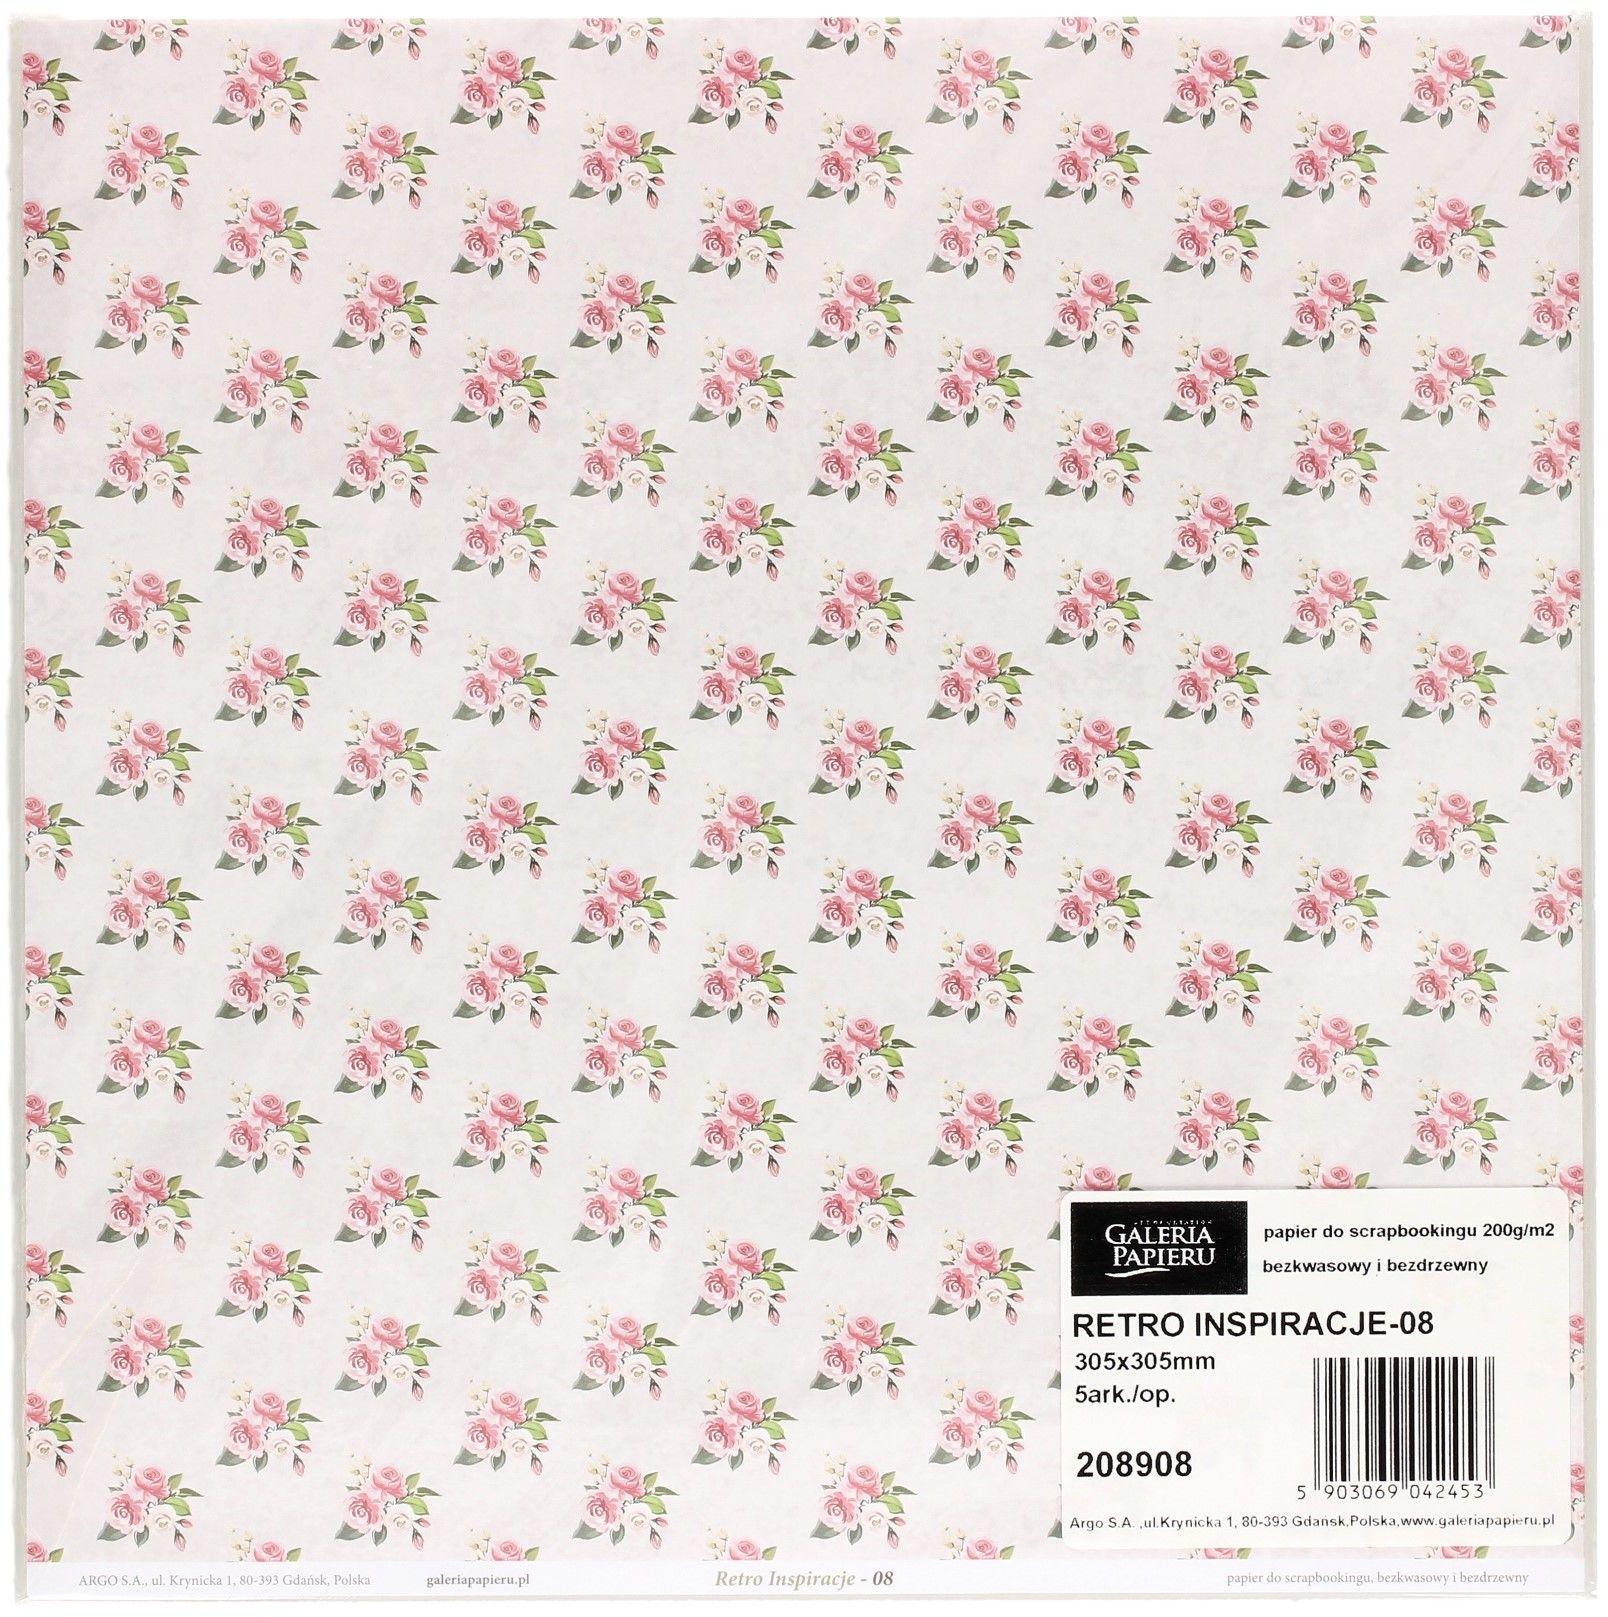 Galeria Papieru Papier scrapbookingowy Retro Inspiracje 08 30,5x30,5 opakowanie 5 ark 208908